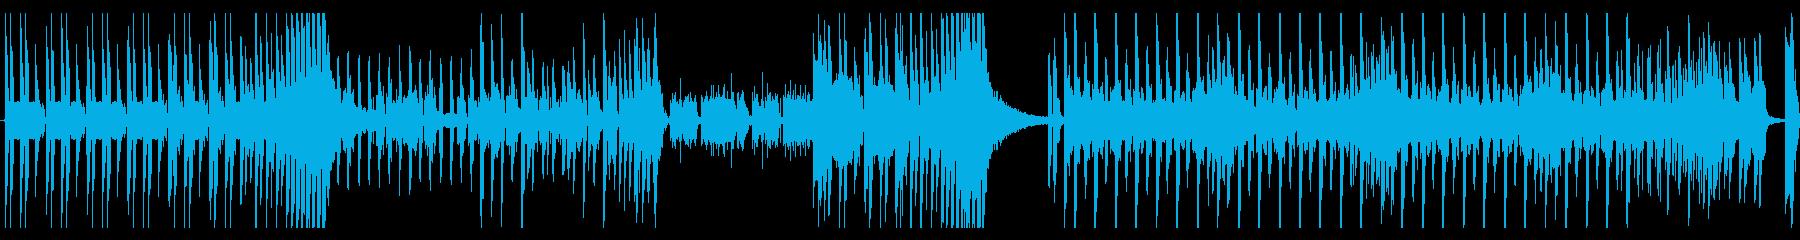 パワフルでインパクトのあるEDM!の再生済みの波形